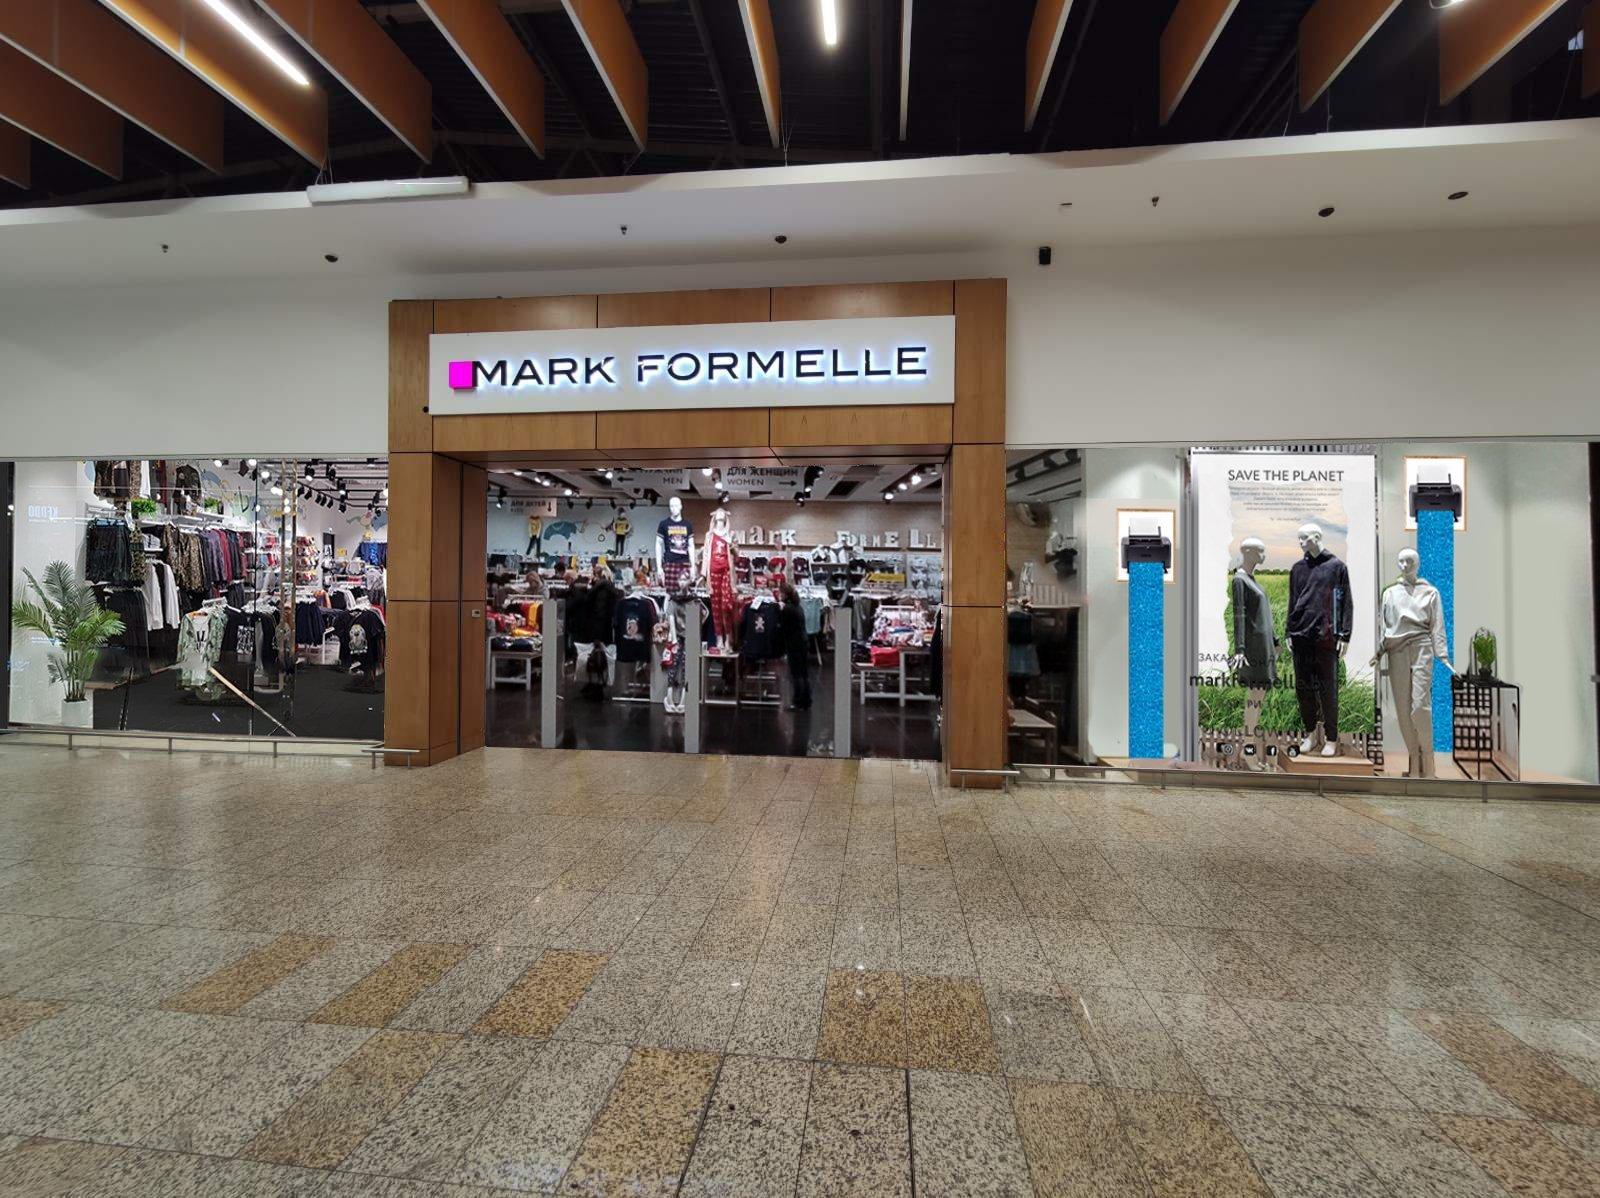 Компания Mark Formelle представила уникальную для Беларуси коллекцию одежды Save the planet.